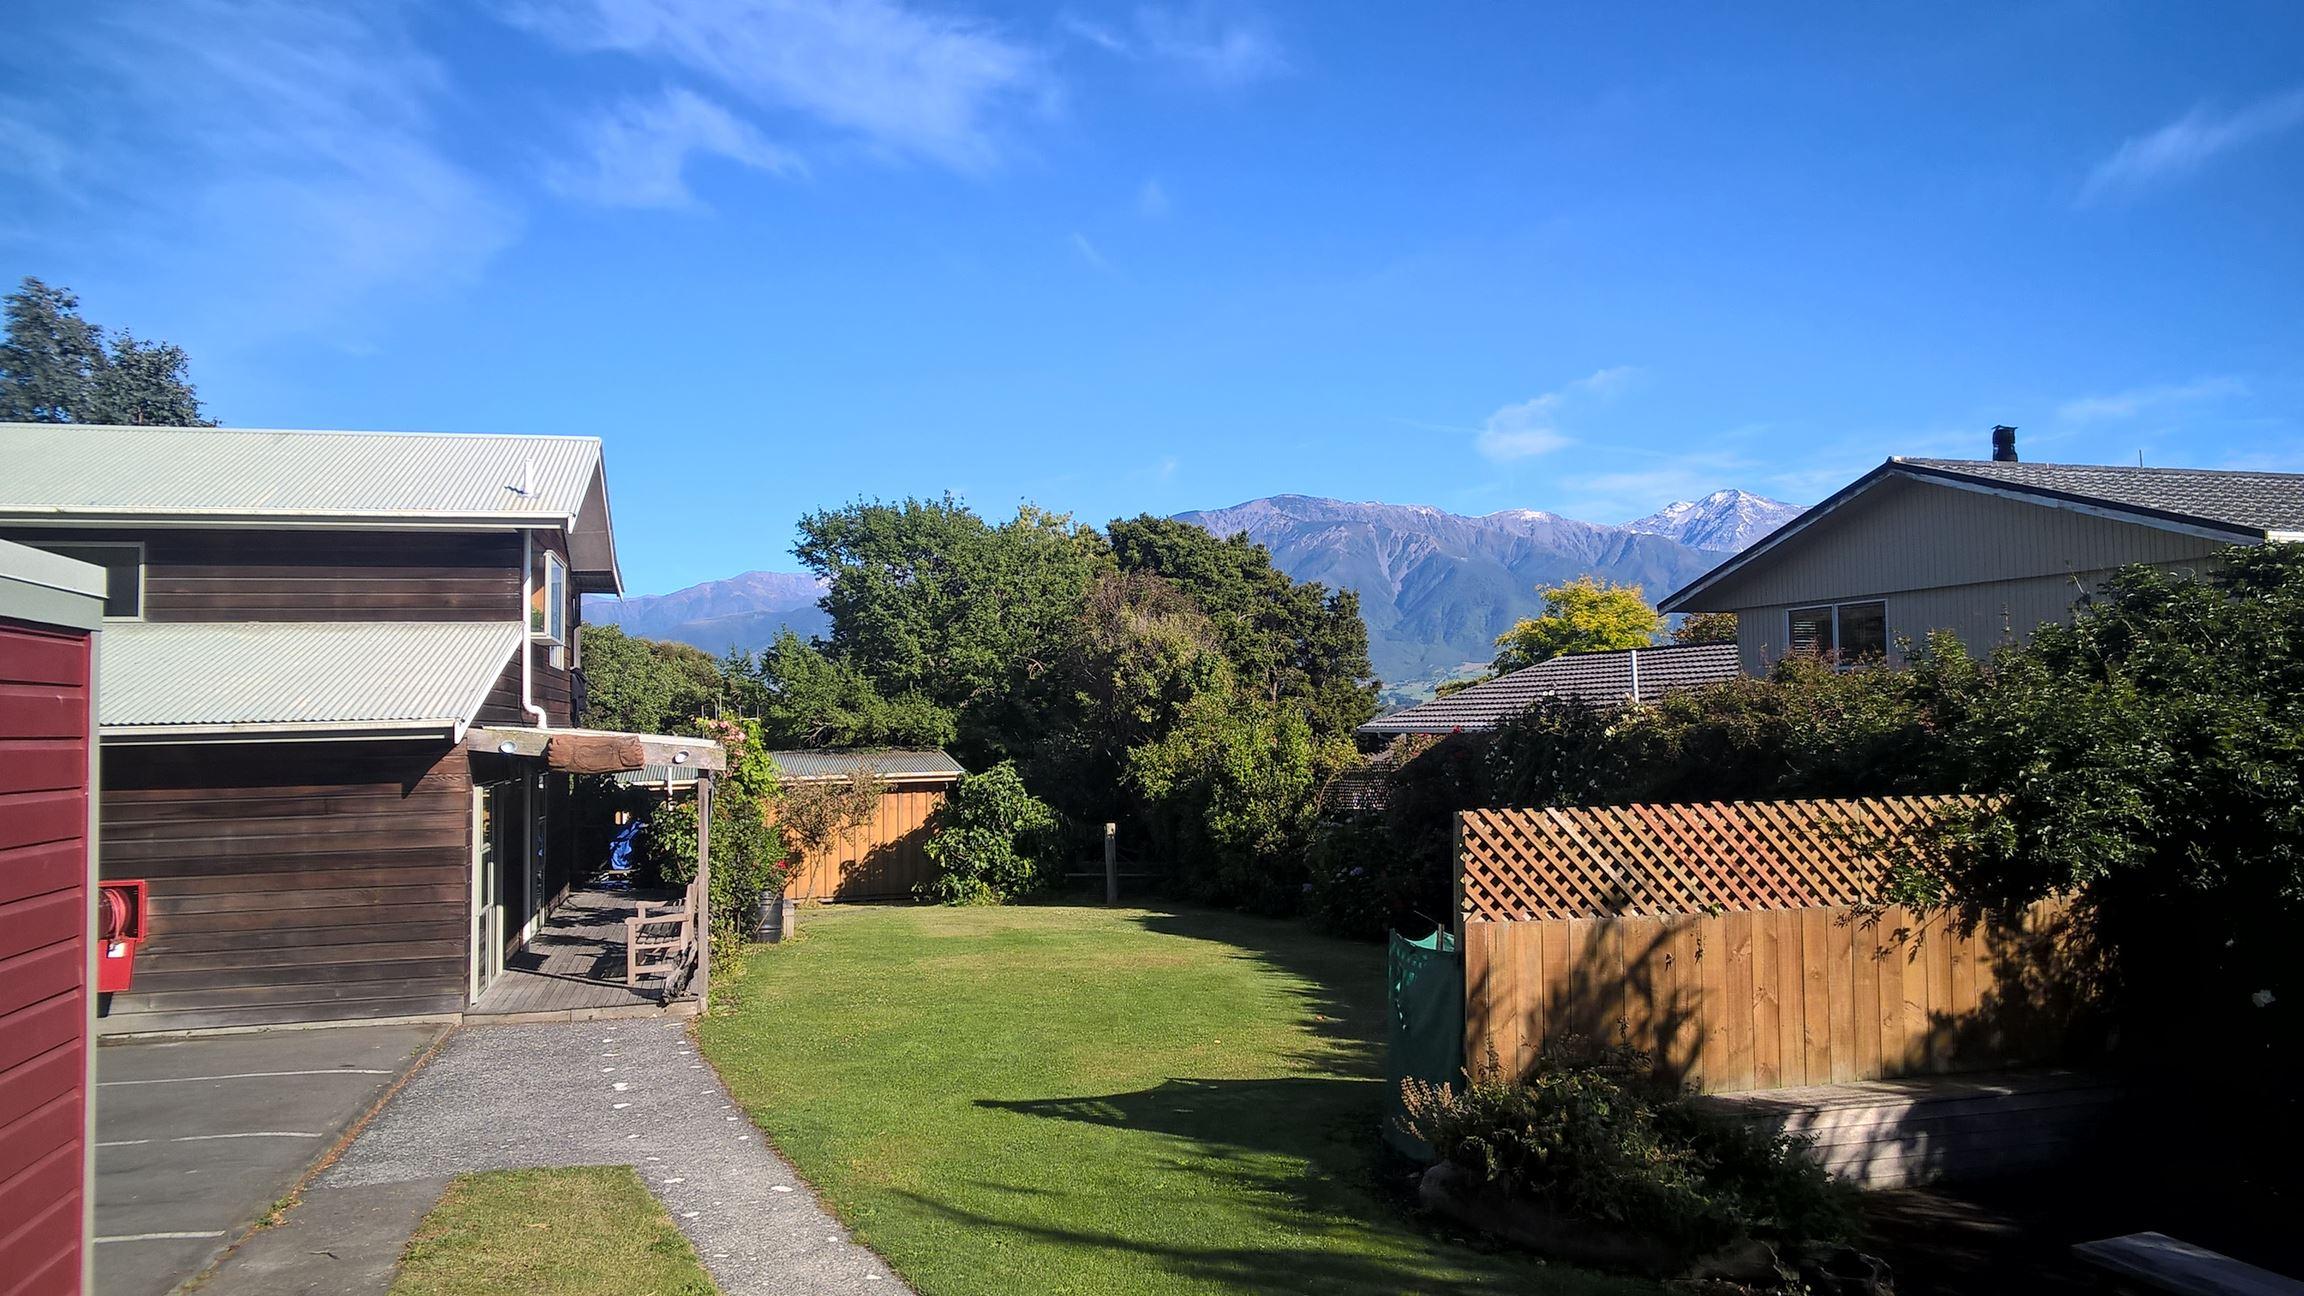 Von unserem Hostel aus sieht man sogar die Berge